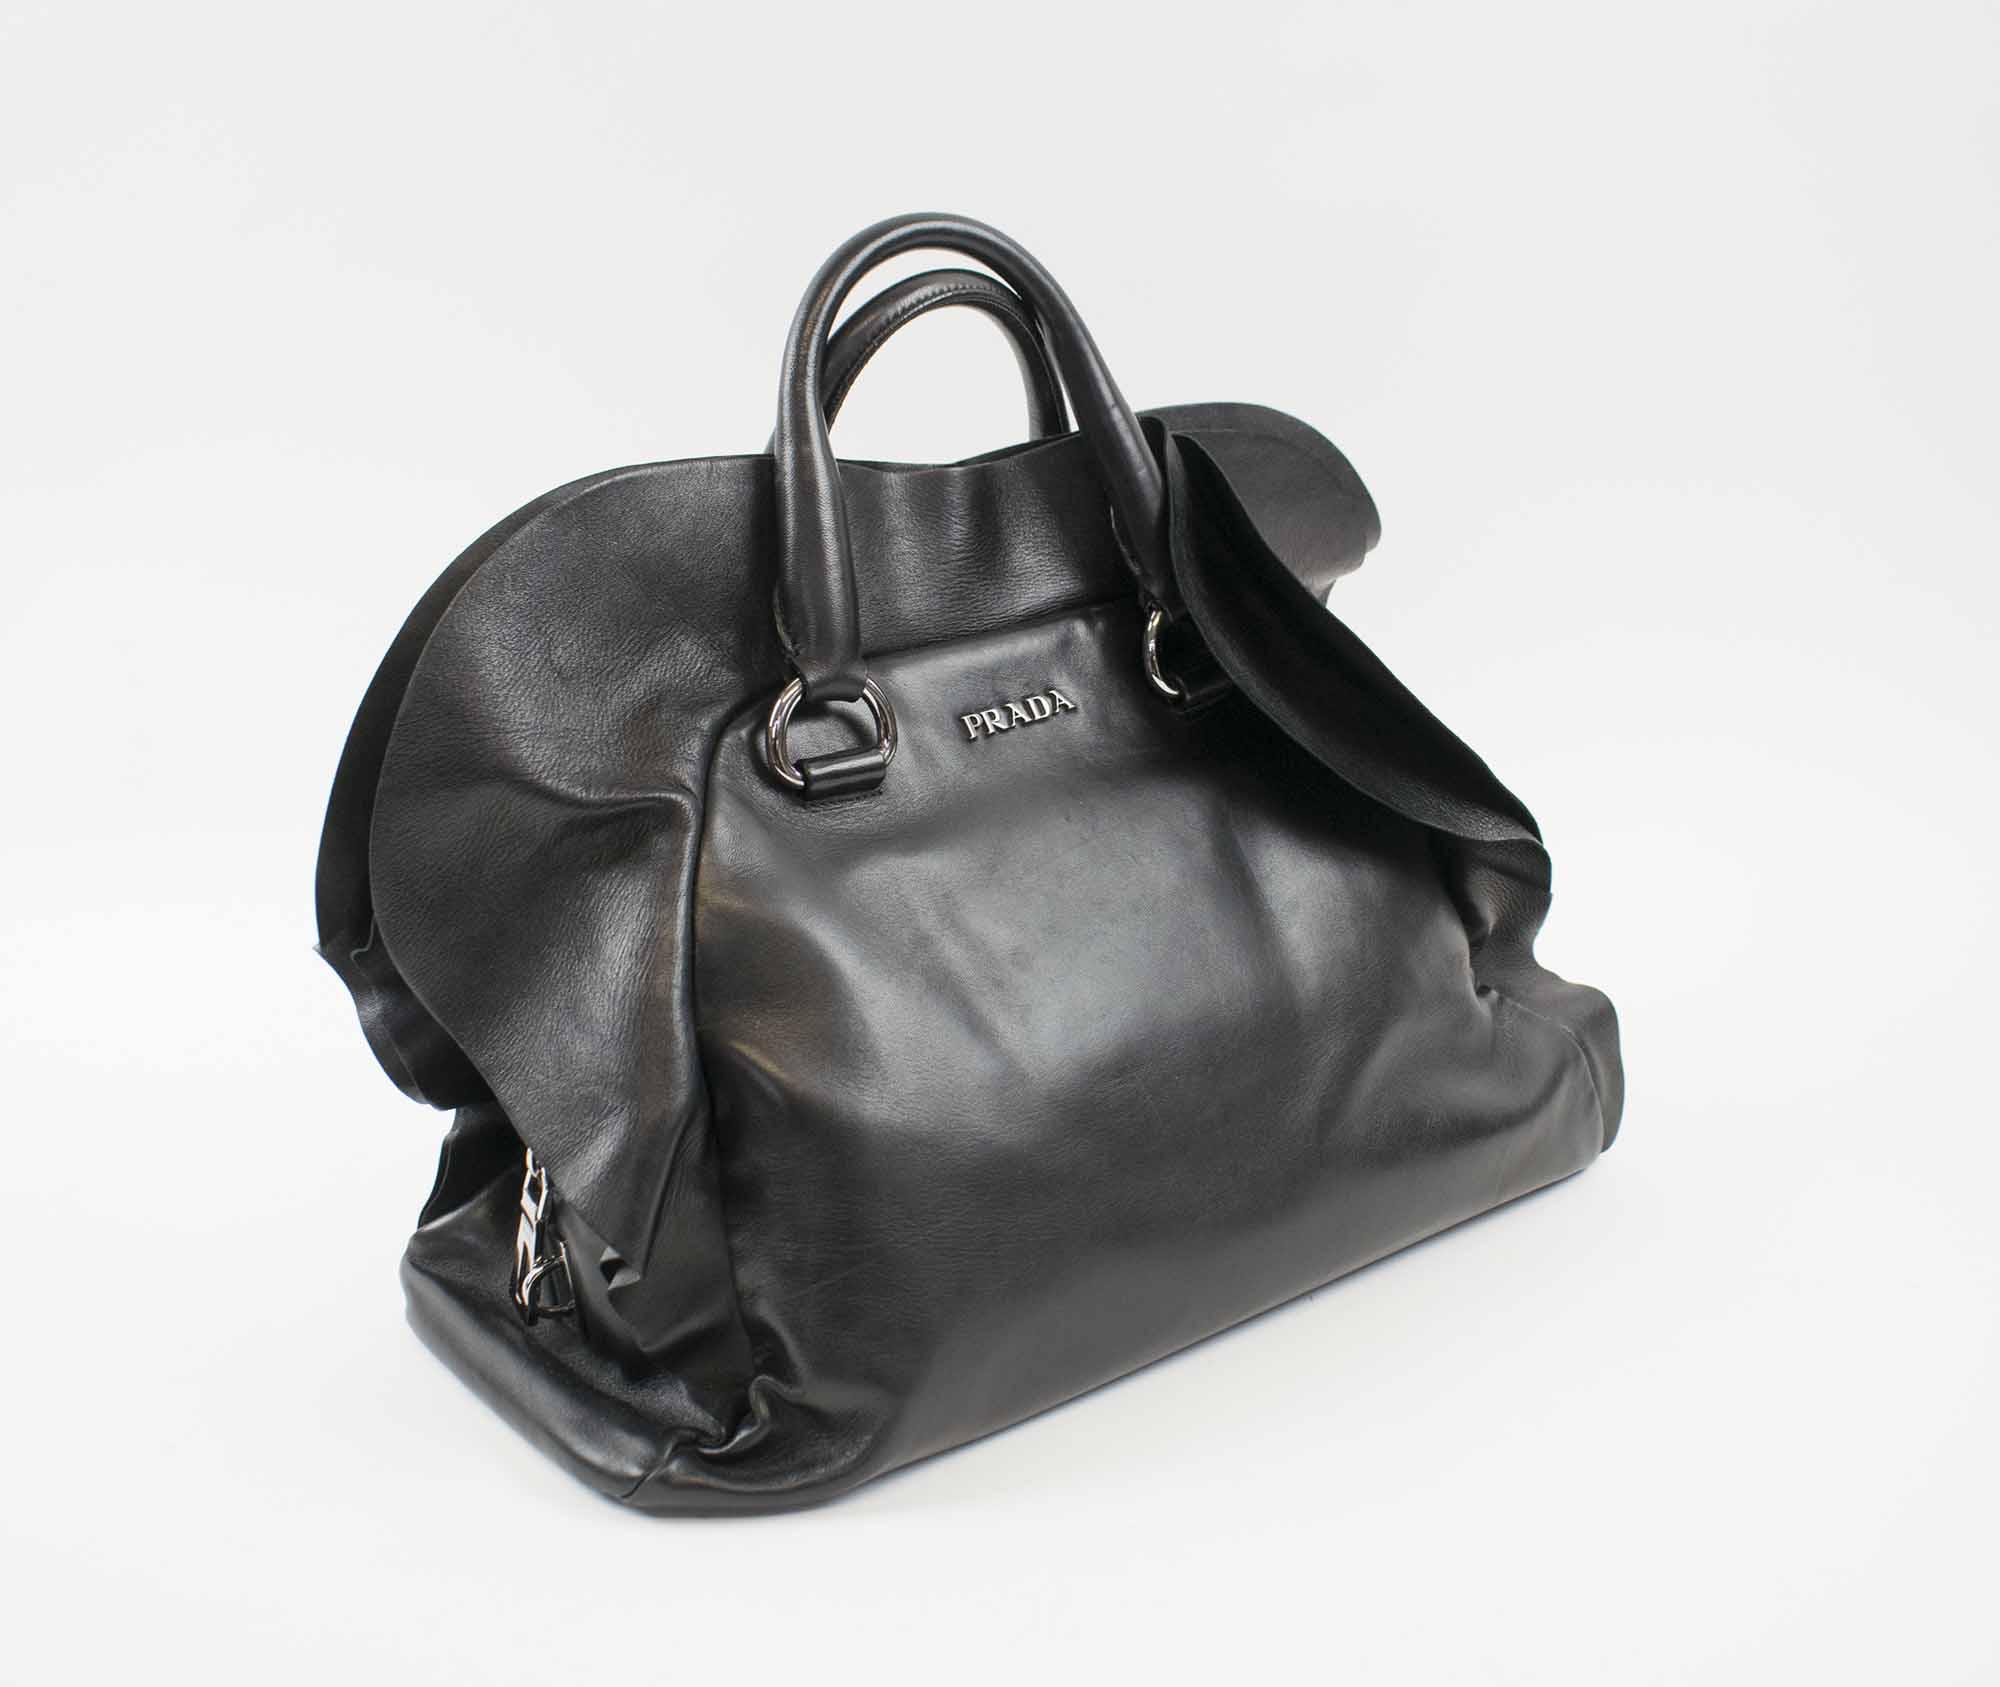 e9f600eaf1cac0 PRADA RUFFLE NAPPA BAULETTO BAG, black leather with silver tone ...